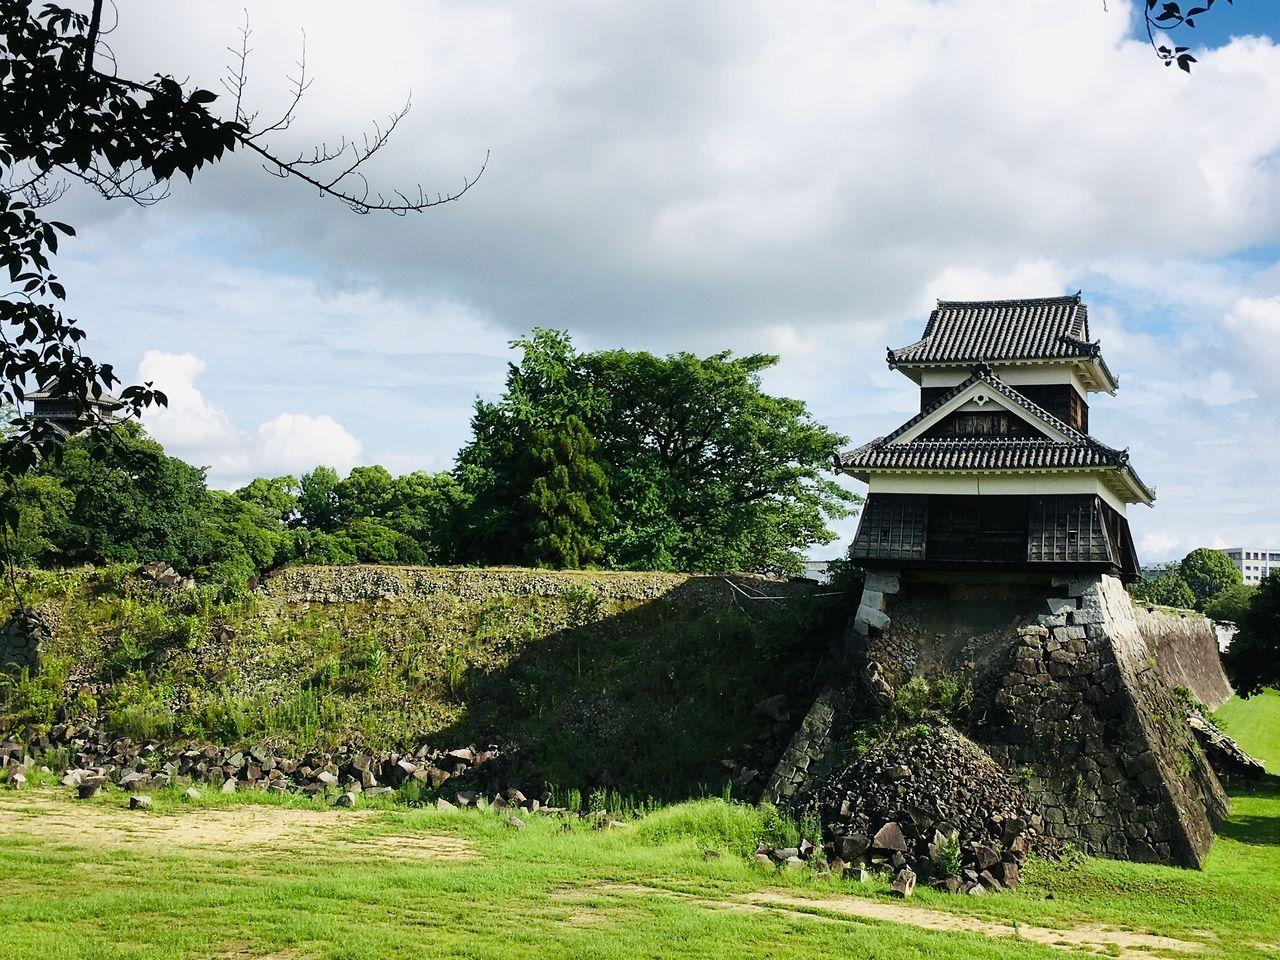 特別史跡熊本城の石垣は、熊本城を特徴付ける貴重な文化財ですので旧来の位置に石を戻して復旧します。そのため、まず崩落した石の位置を記録し、石に番号を付け、個々の石の特徴を記録・整理して積み直し…